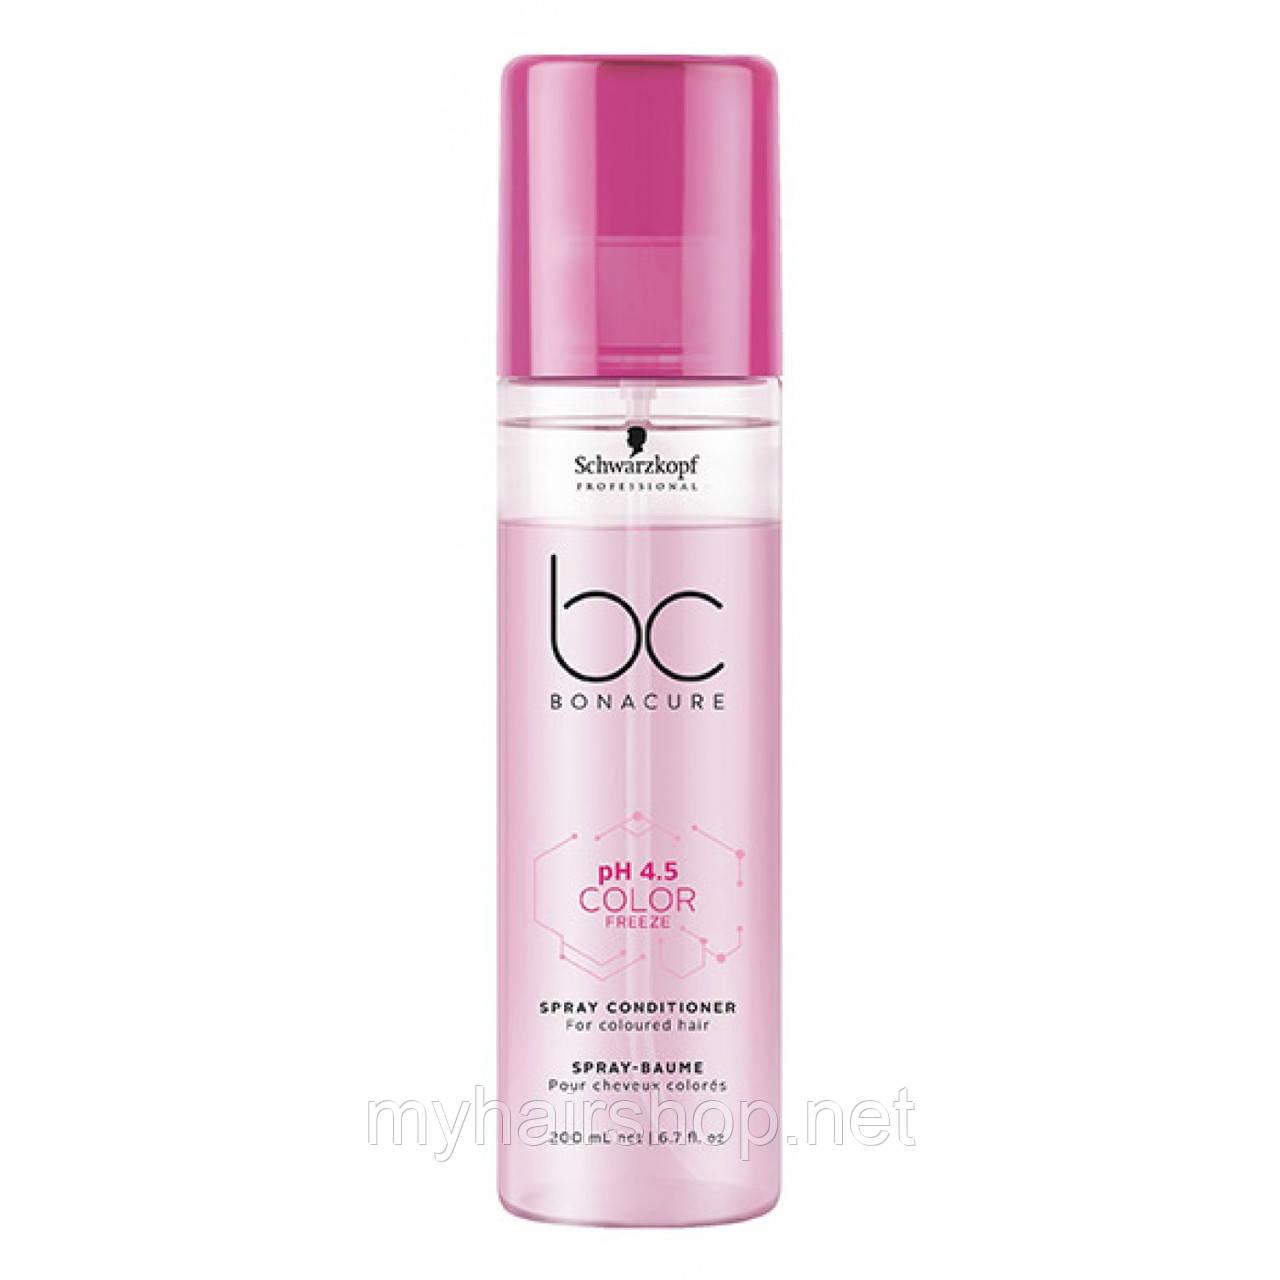 Спрей-кондиционер для окрашенных волос SCHWARZKOPF BC Color Freeze Spray Conditioner 200 мл